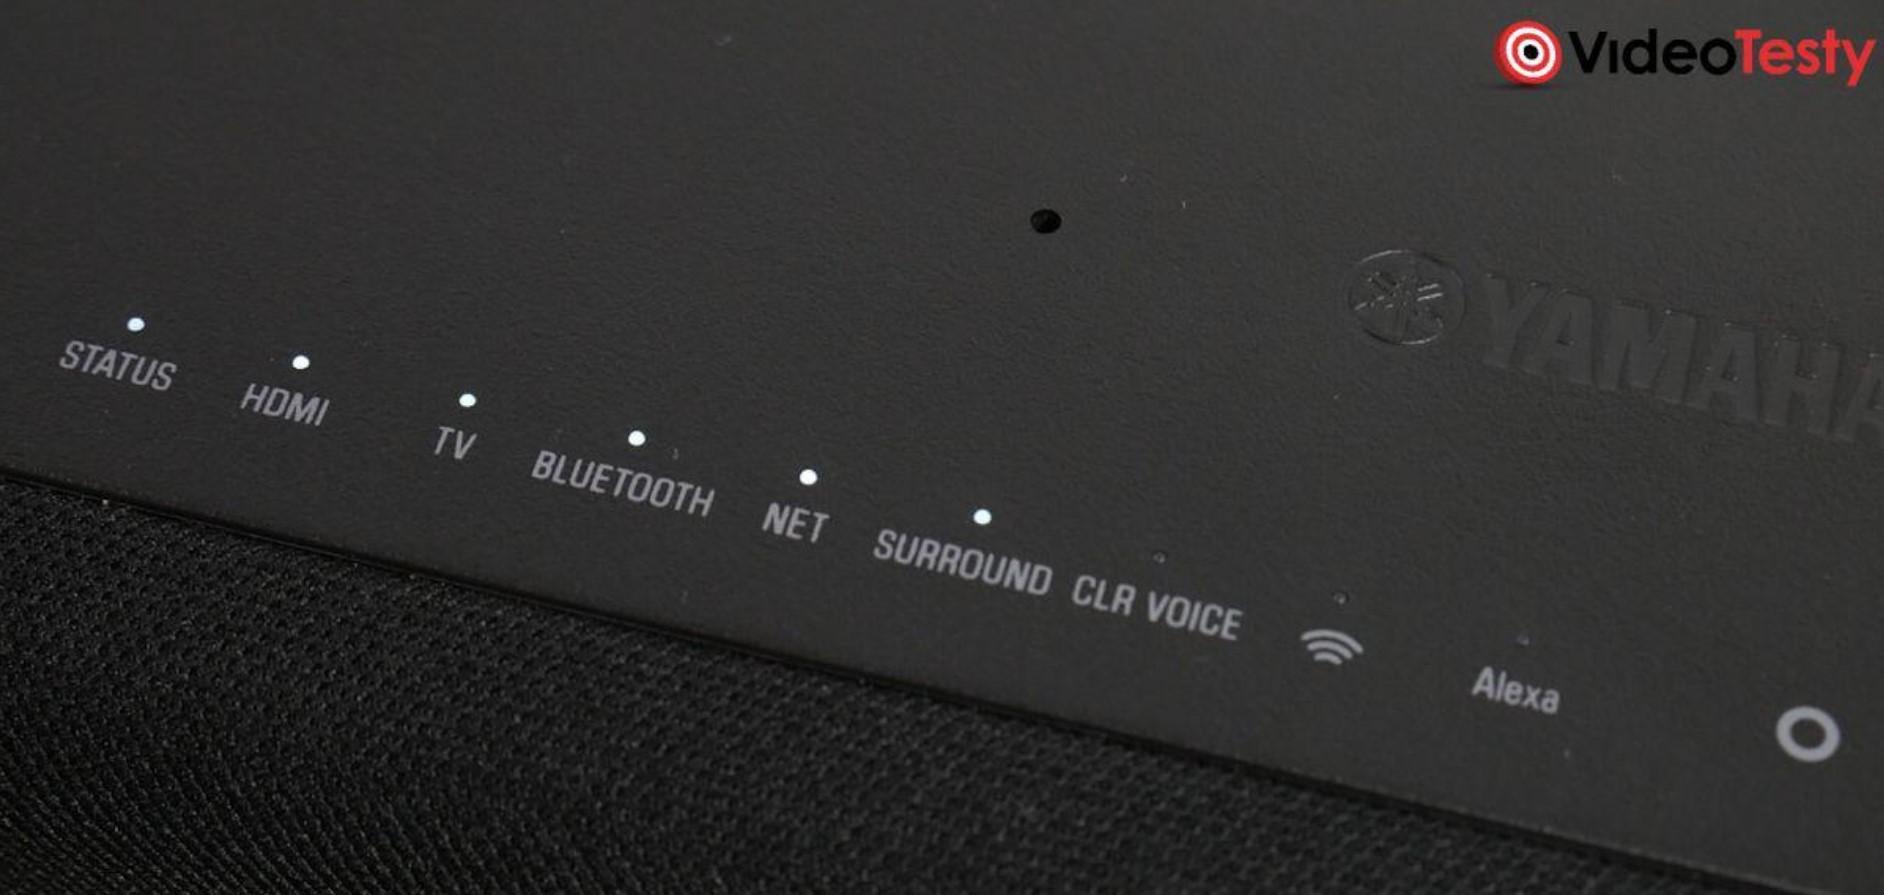 moduły i funkcje soundbara